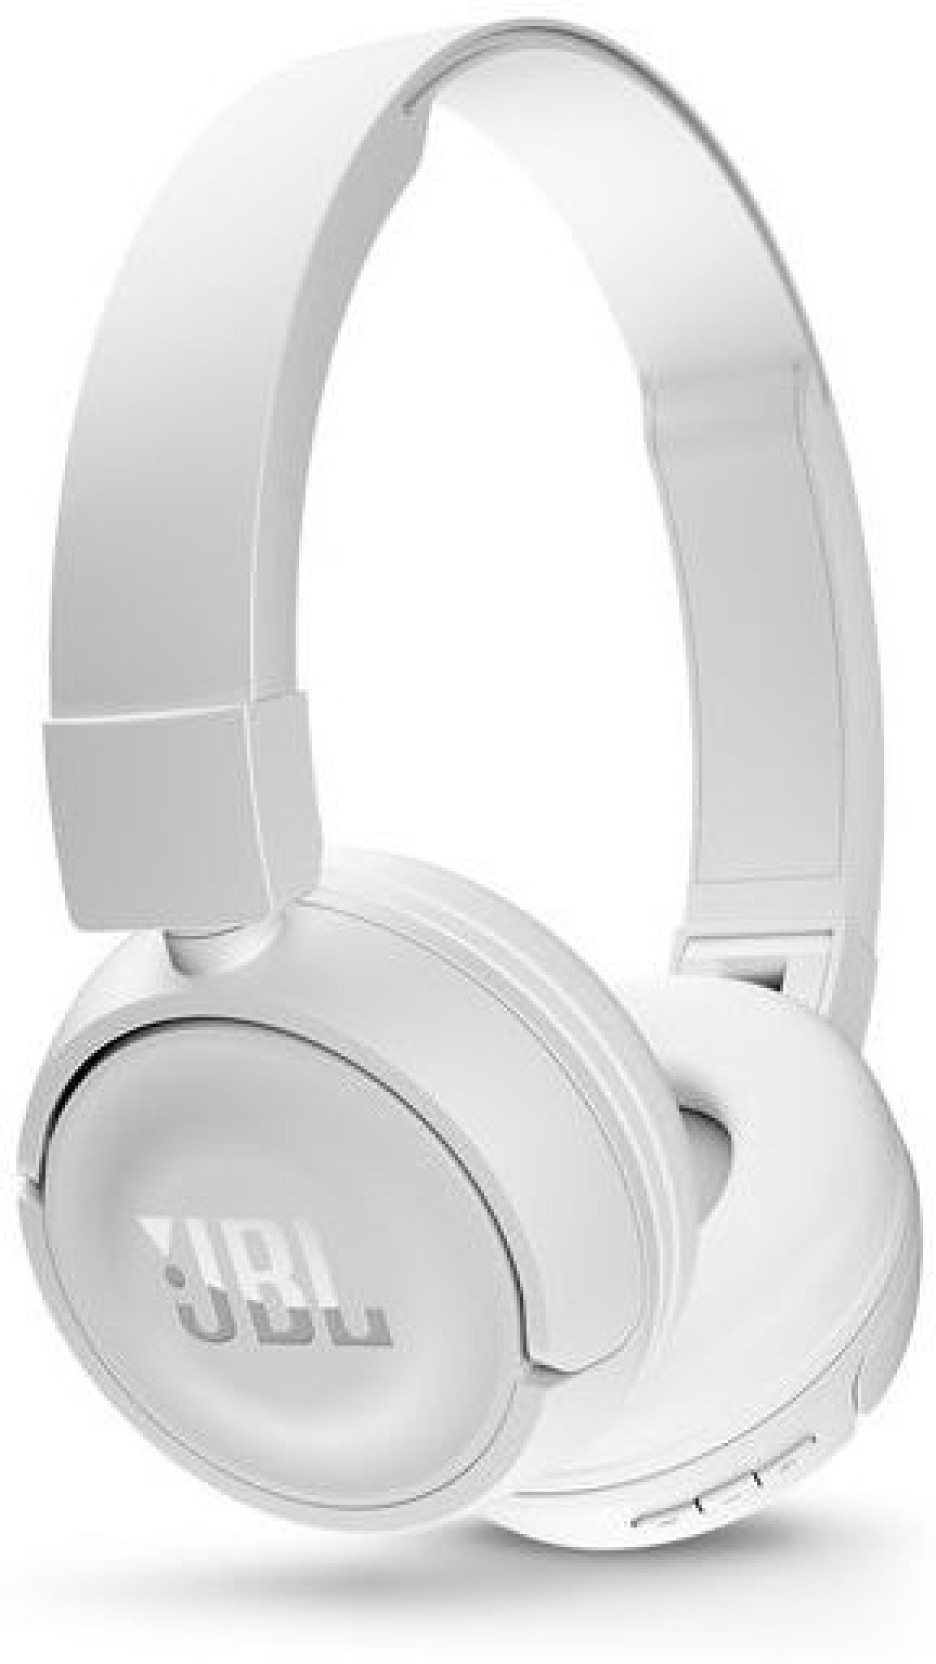 Earphones wireless jlb - jbl wireless earphones with mic